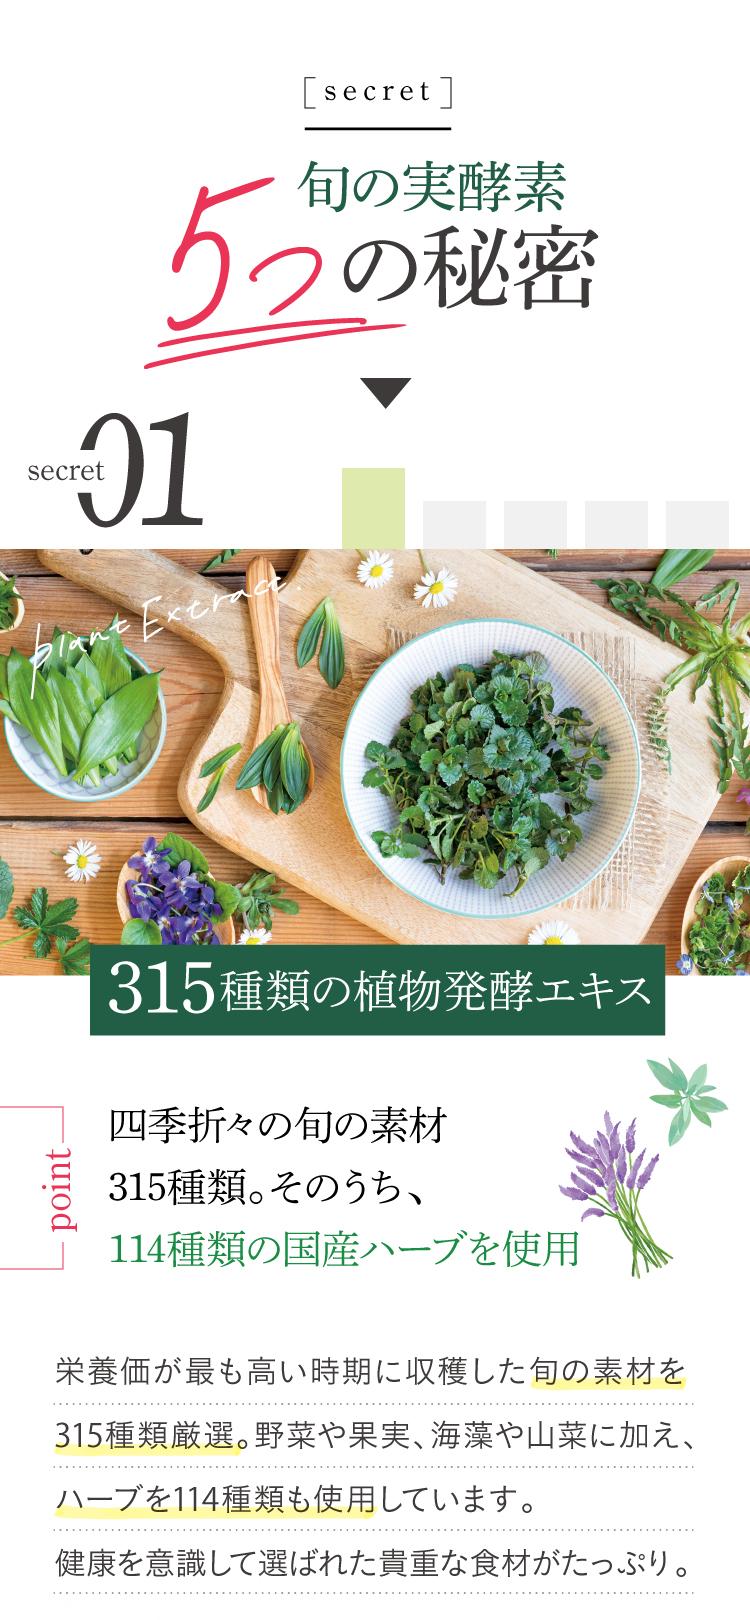 旬の実酵素の秘密1、315種類の植物発酵エキス。四季折々の旬素材315種類のうち114種類の国産ハーブを使用。